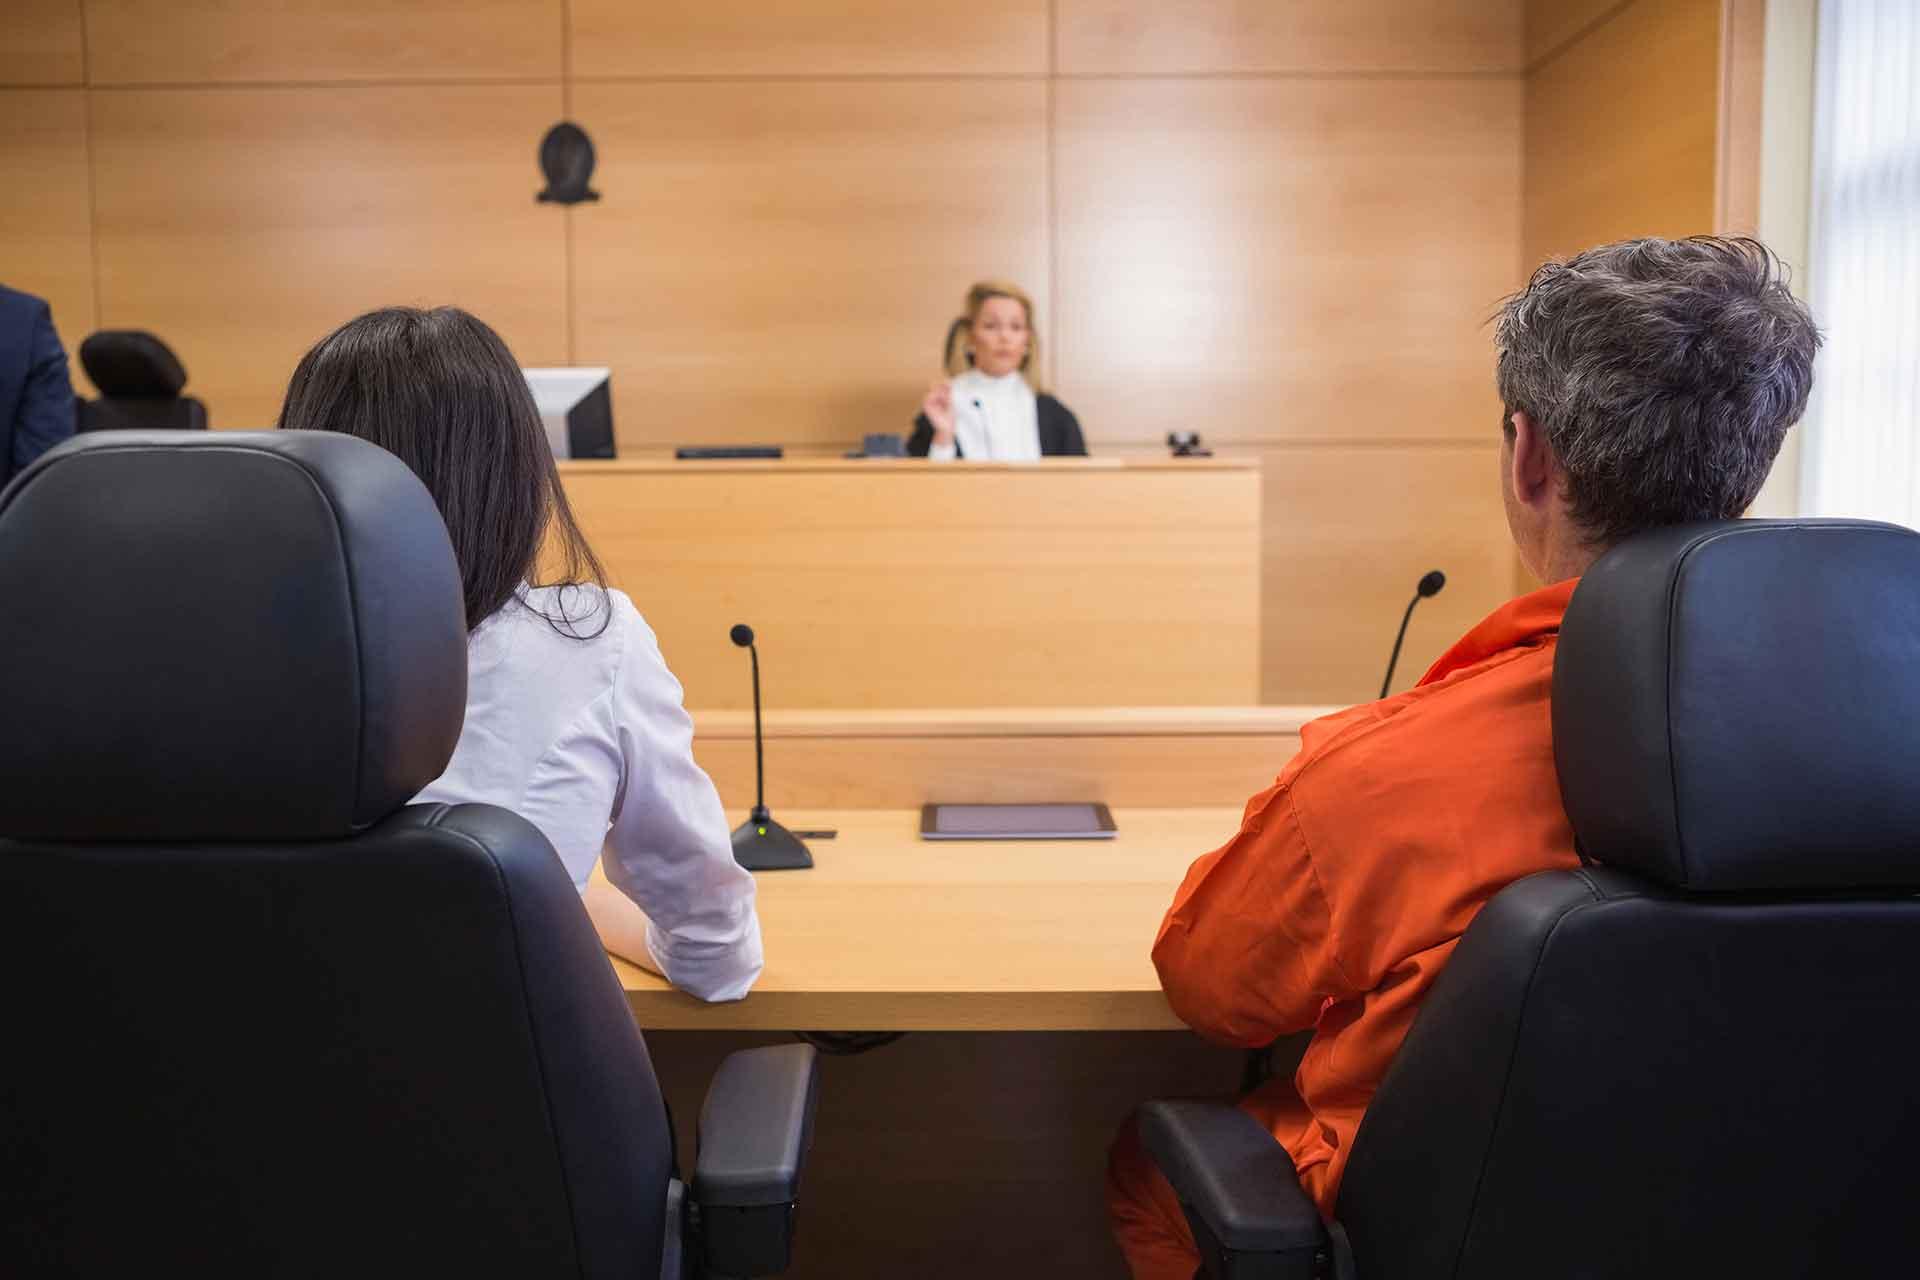 Noodweer strafrecht advocaat - Weening Strafrechtadvocaten